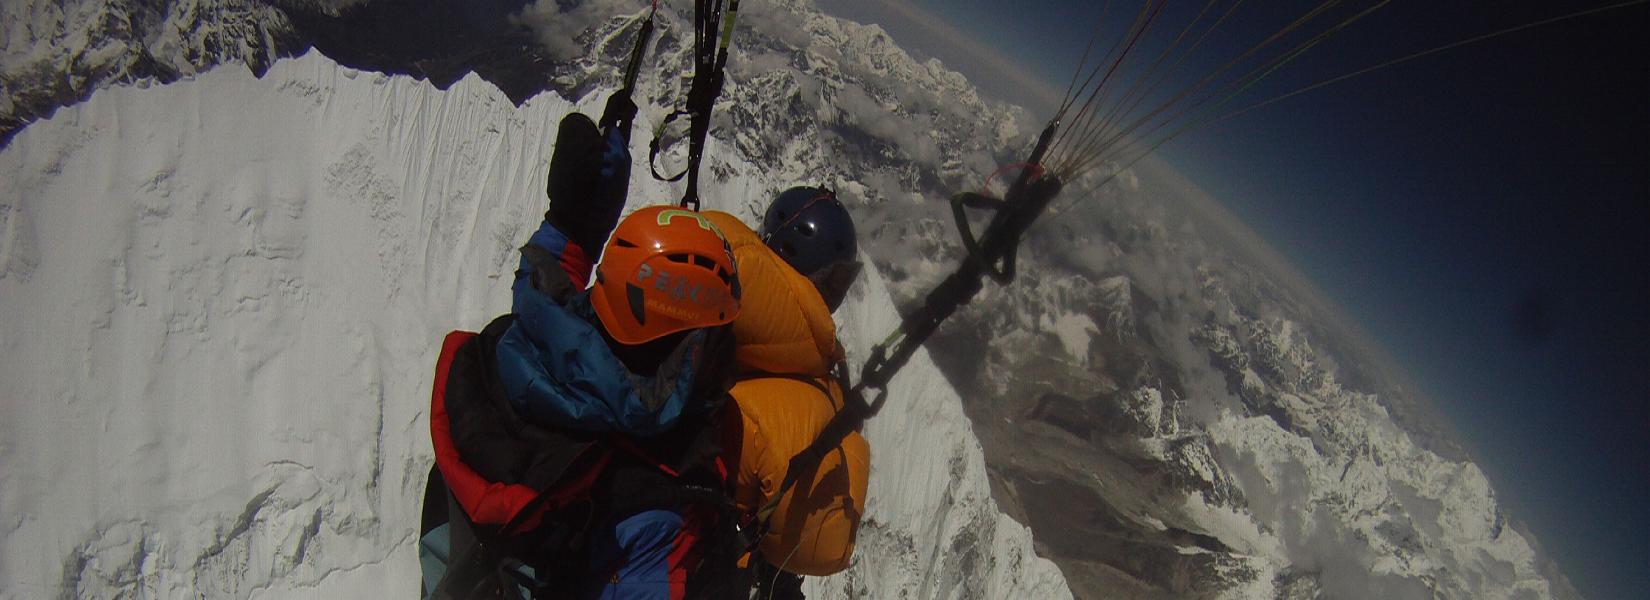 2012 Adventurers of the Year: Sano Babu Sunuwar